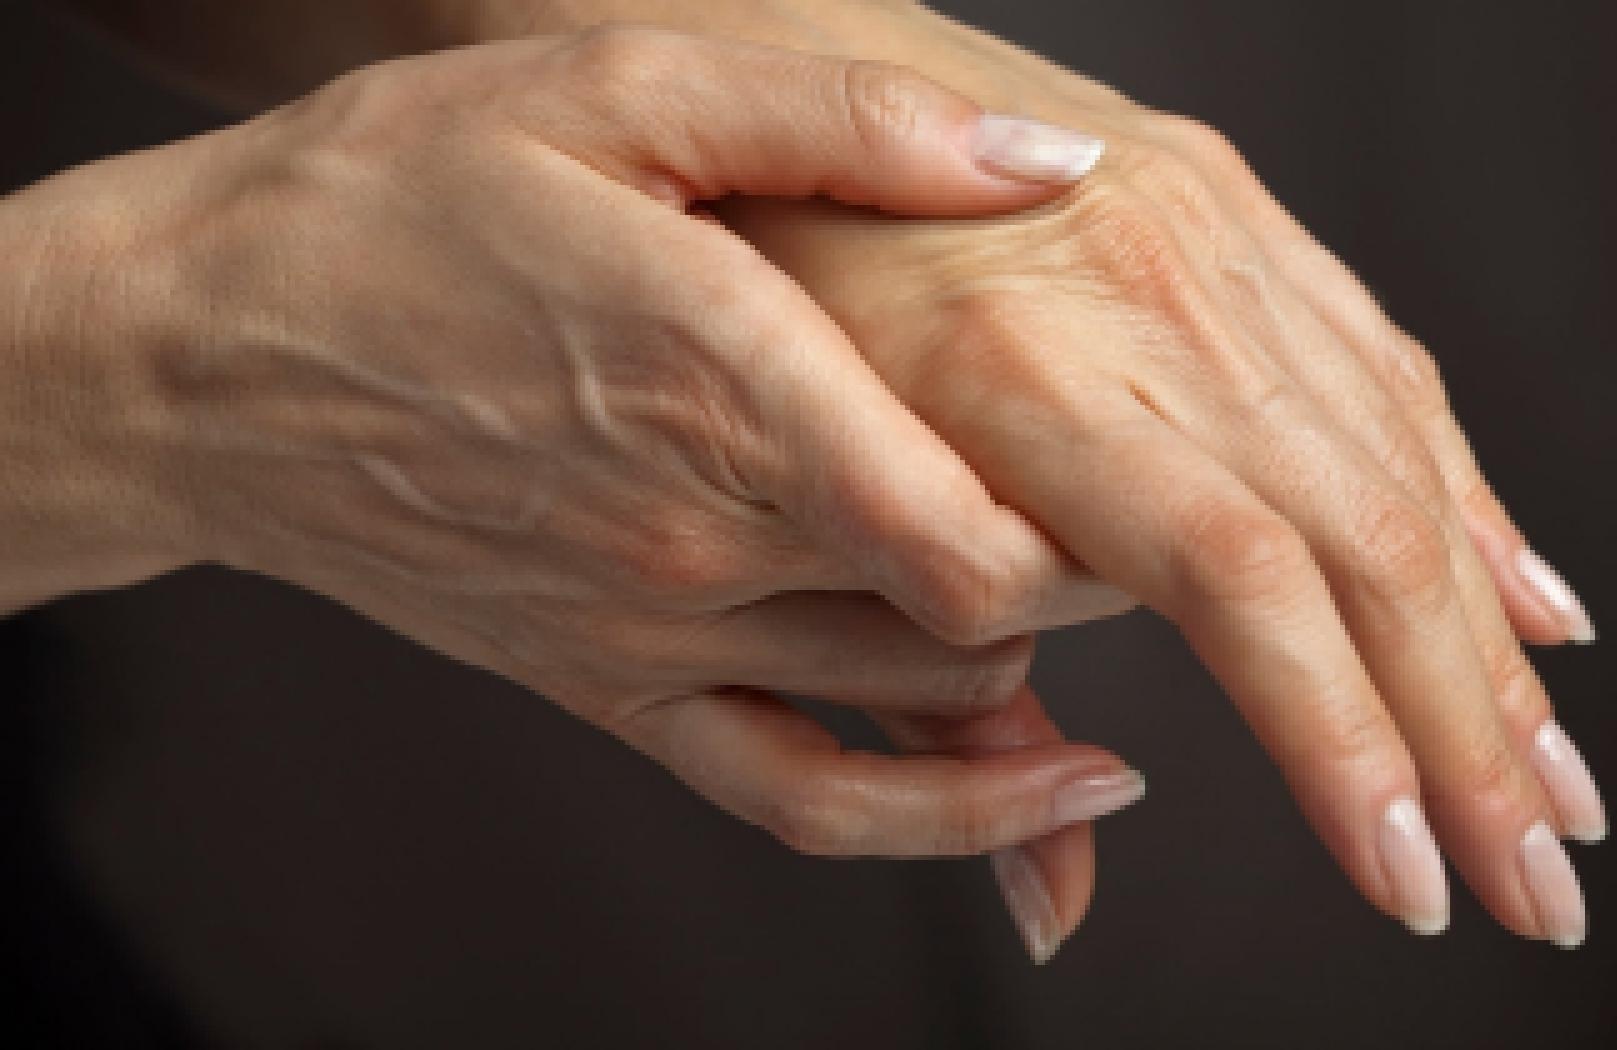 Как сделать чтобы затекла кисть руки